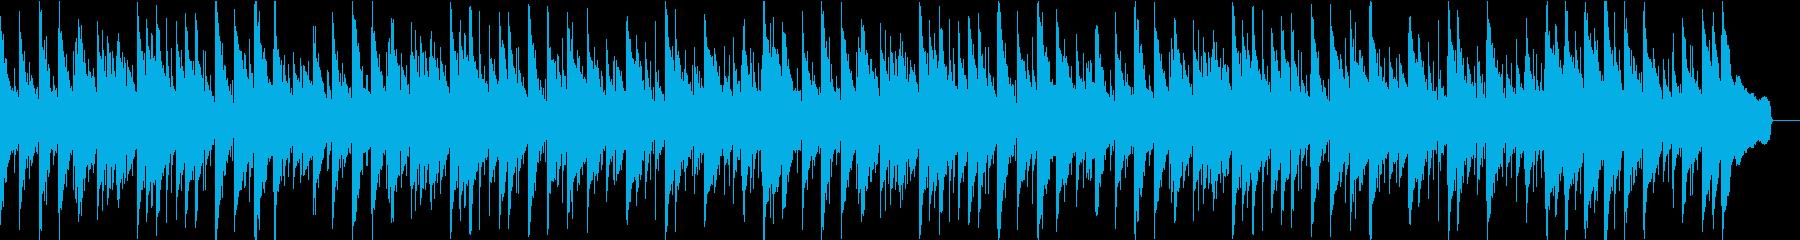 ゲーム向け。ダンジョンに使えるBGMの再生済みの波形